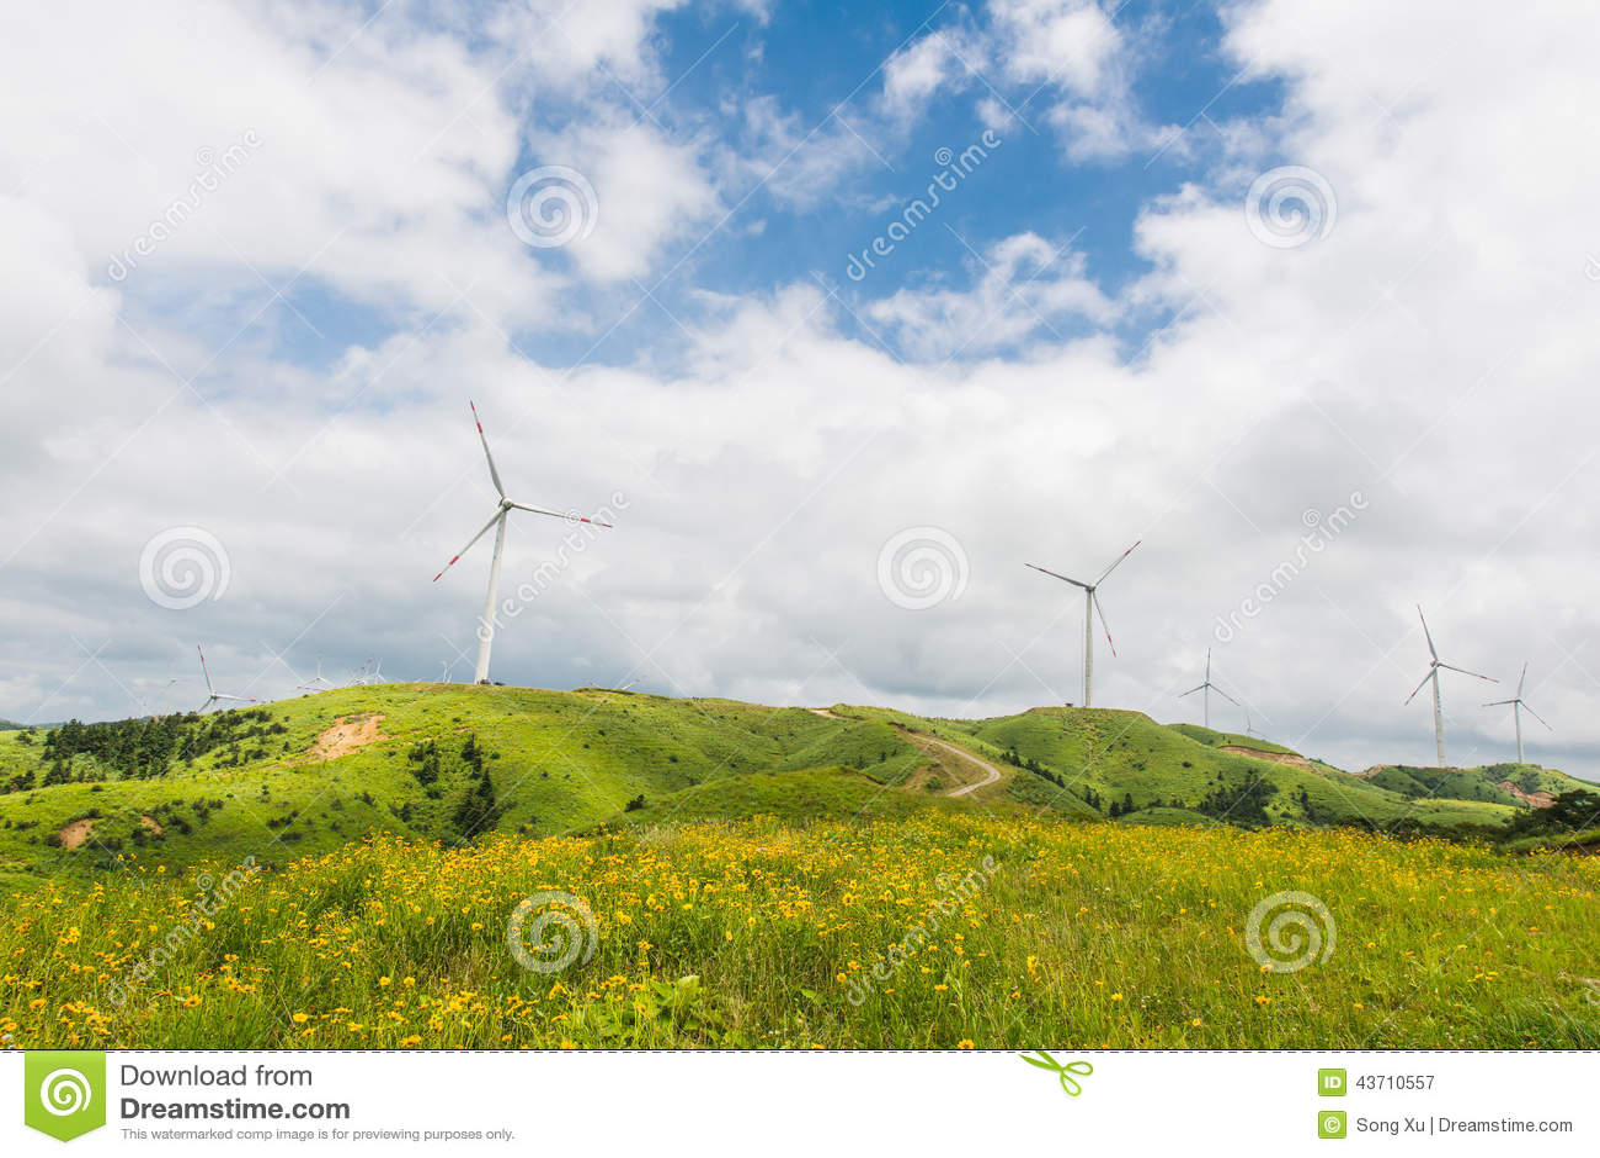 windmill technician